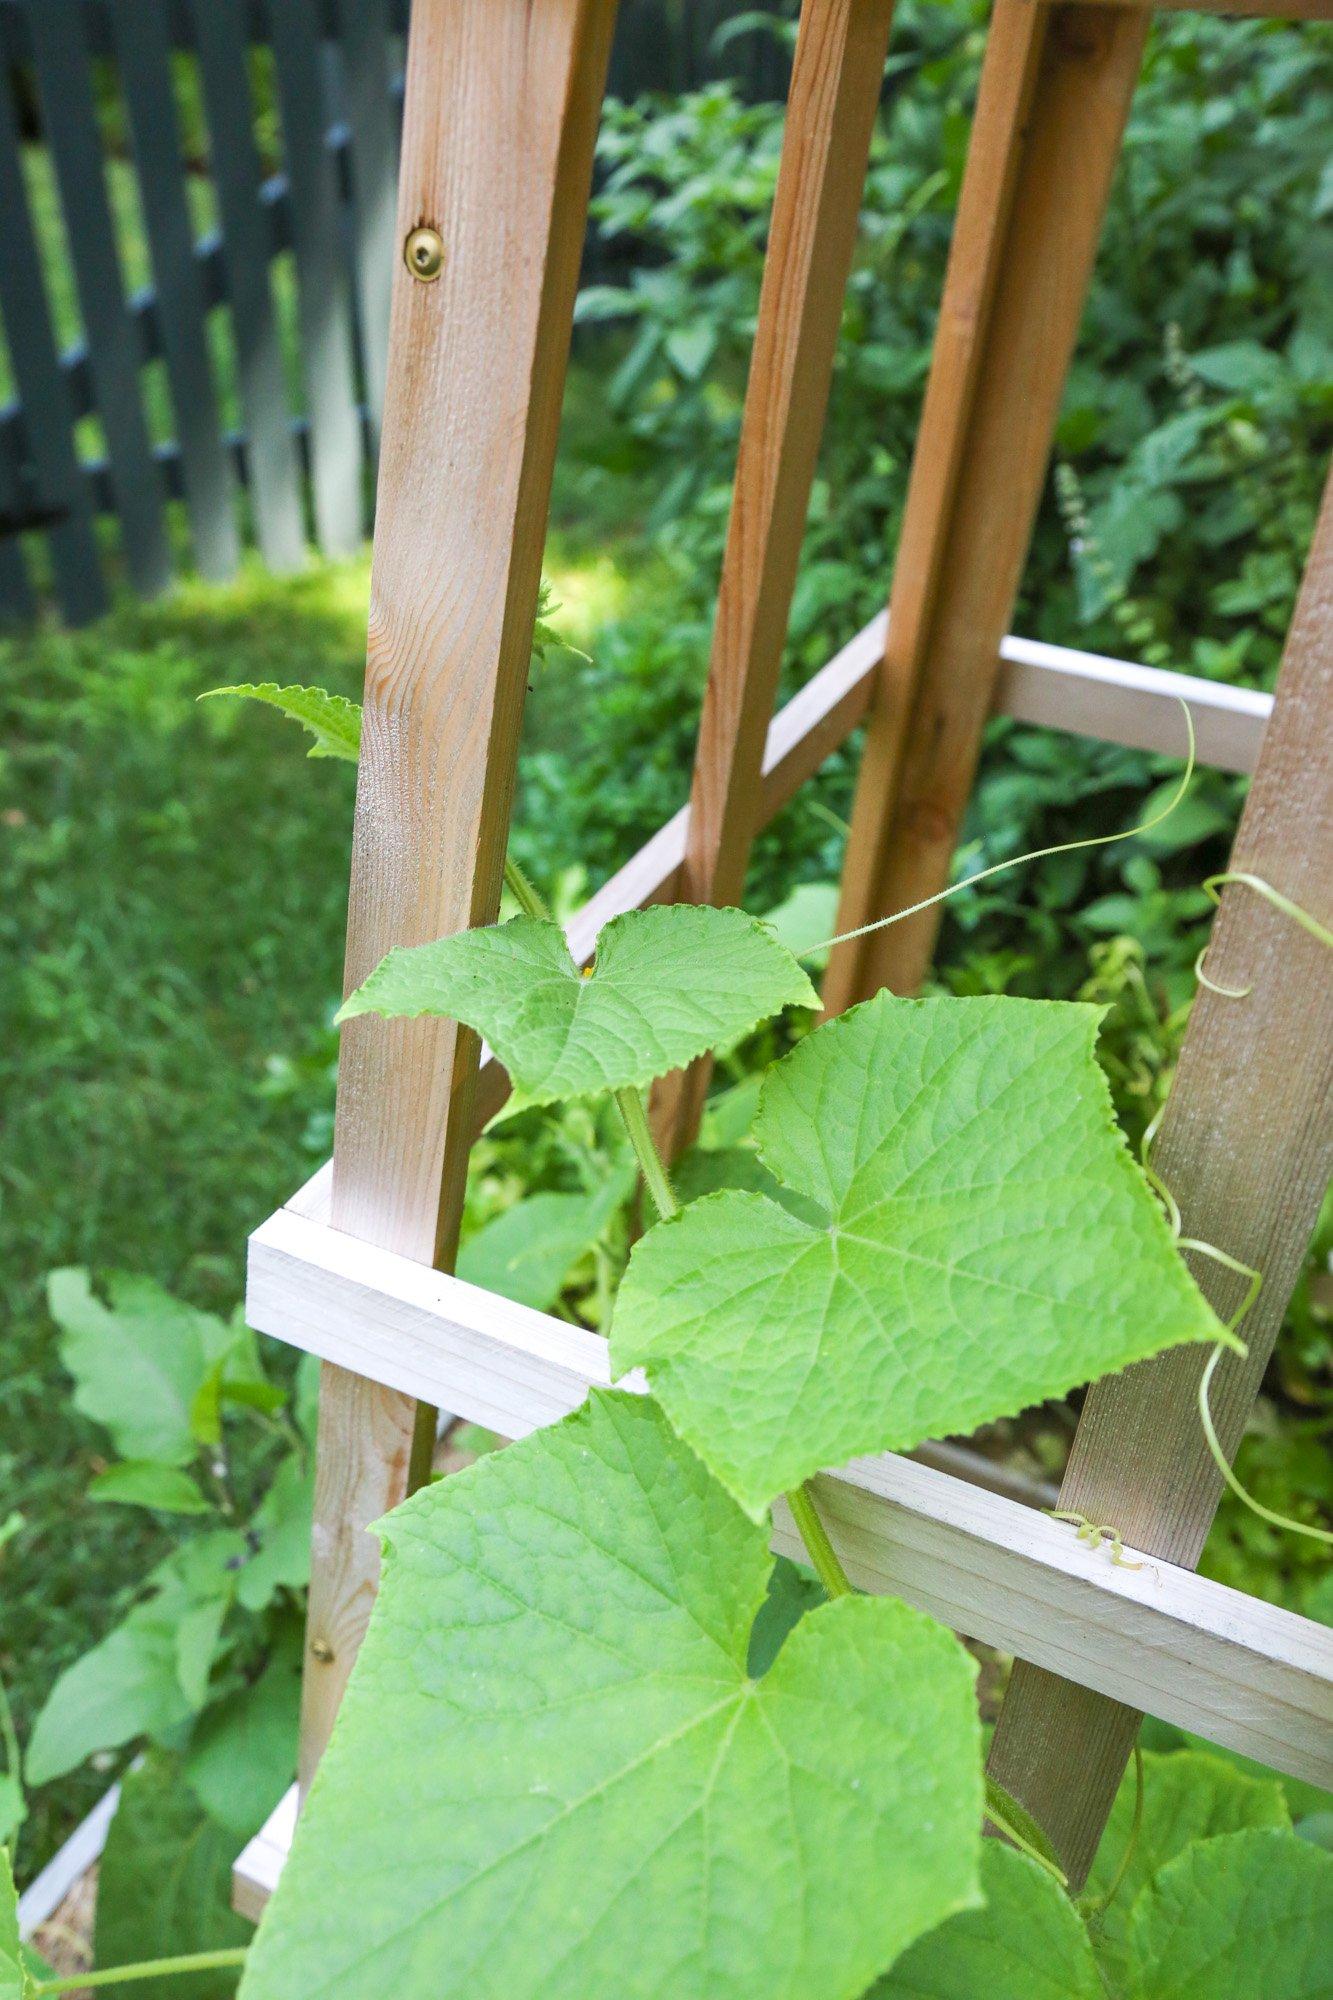 Tillys Nest- cucumber on trellis or obelisk